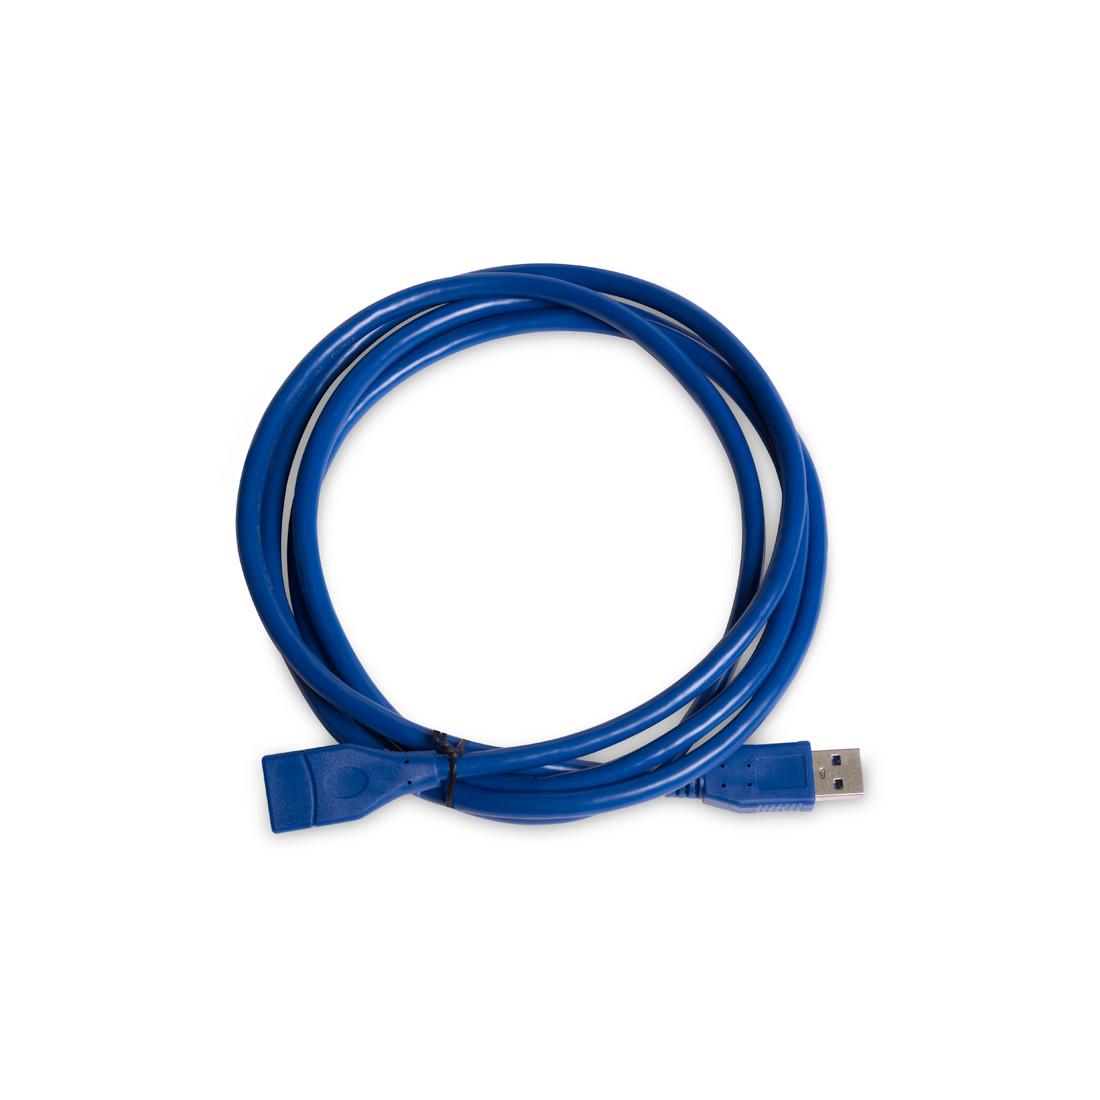 Удлинитель iPower AM-AF USB 3.0 1.8 м.